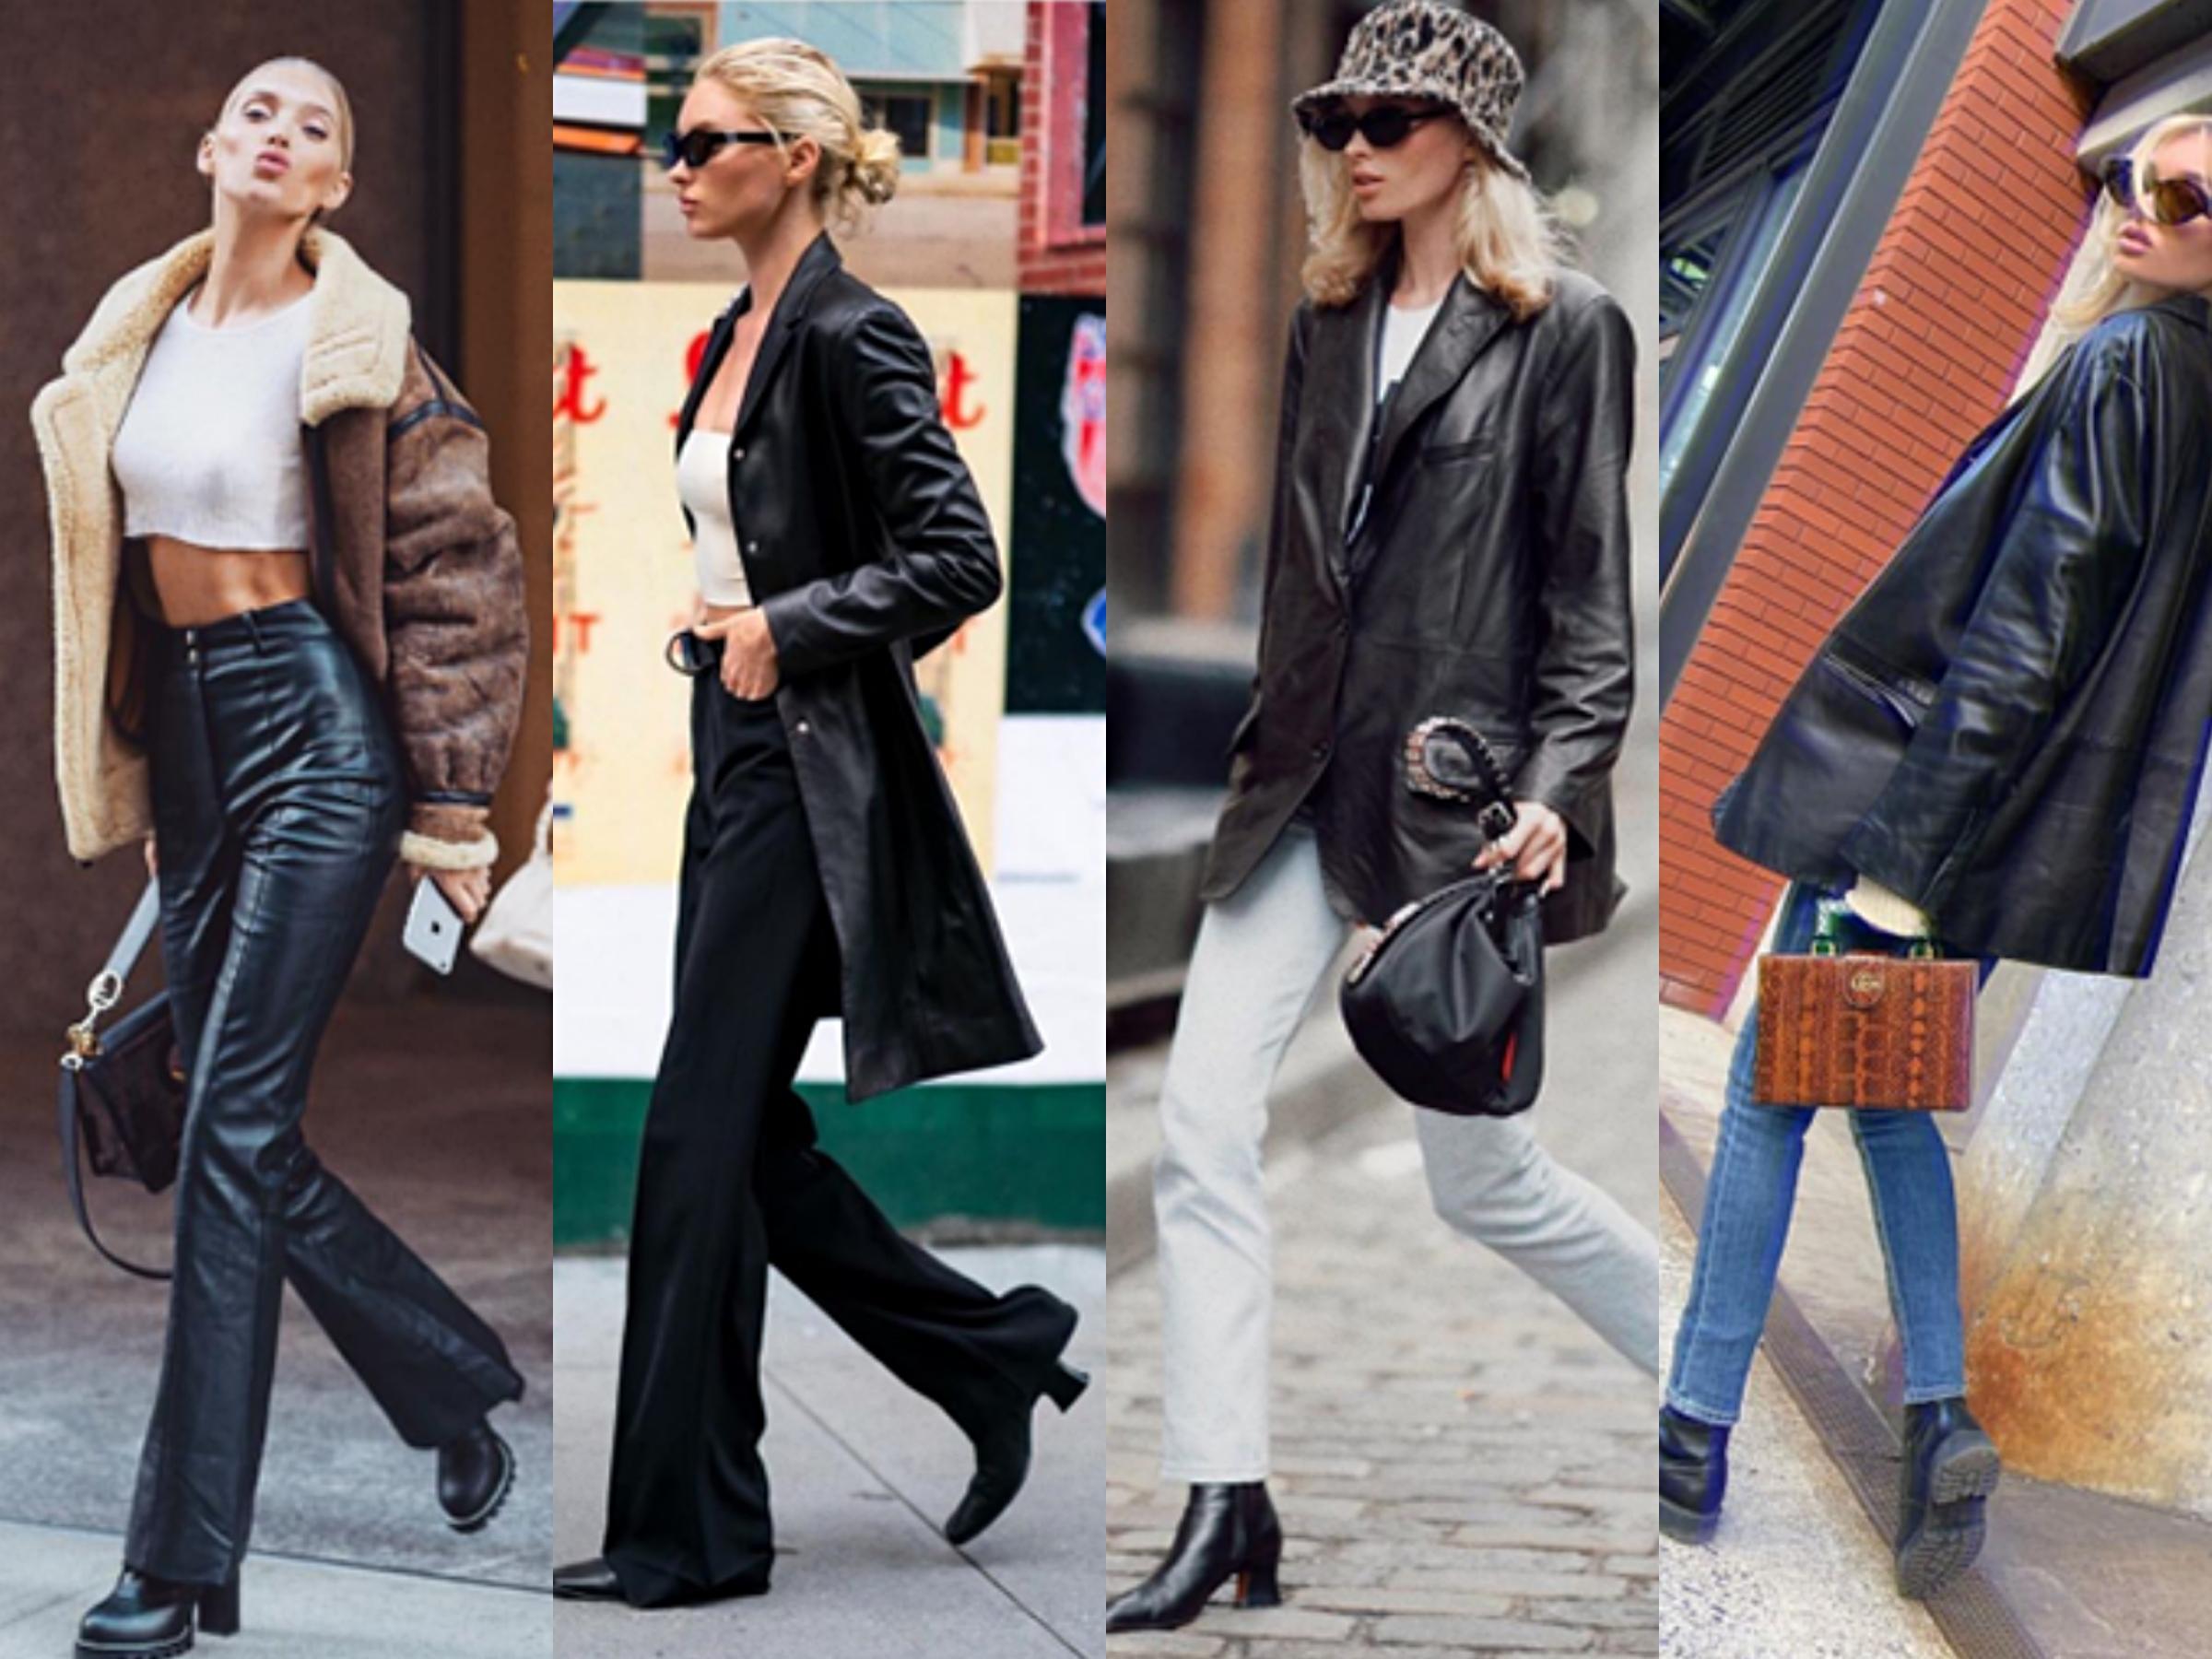 2020年秋冬时尚趋势解析!推荐5个单品+获取最新穿衣灵感